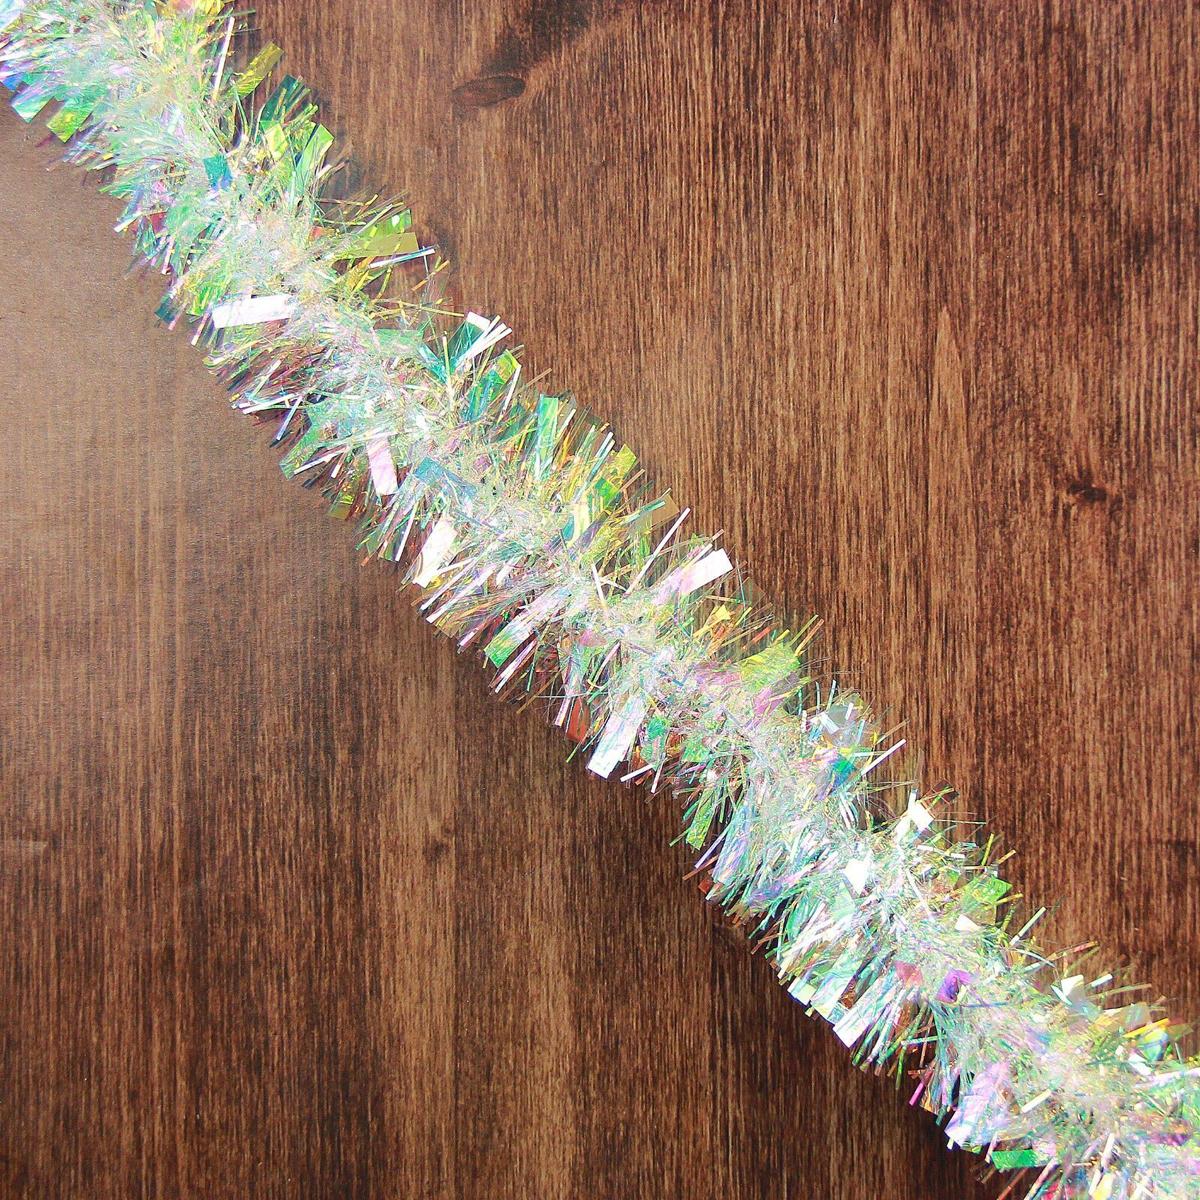 Мишура новогодняя Перламутровые блики, диаметр 6,5 см, длина 200 см